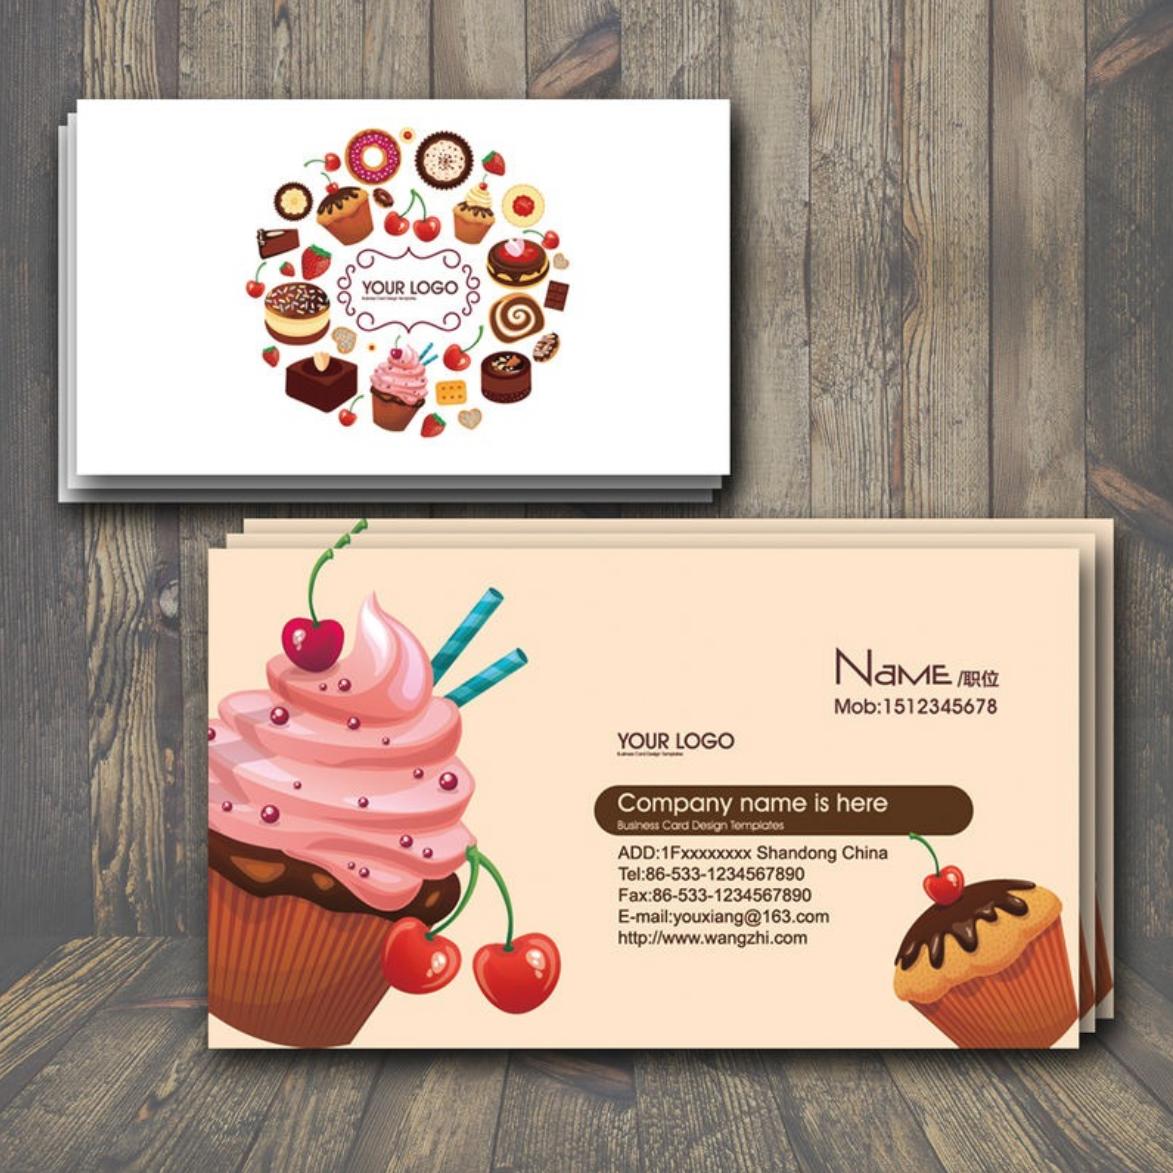 创意社交名片设计参考 这些蛋糕店名片不容错过